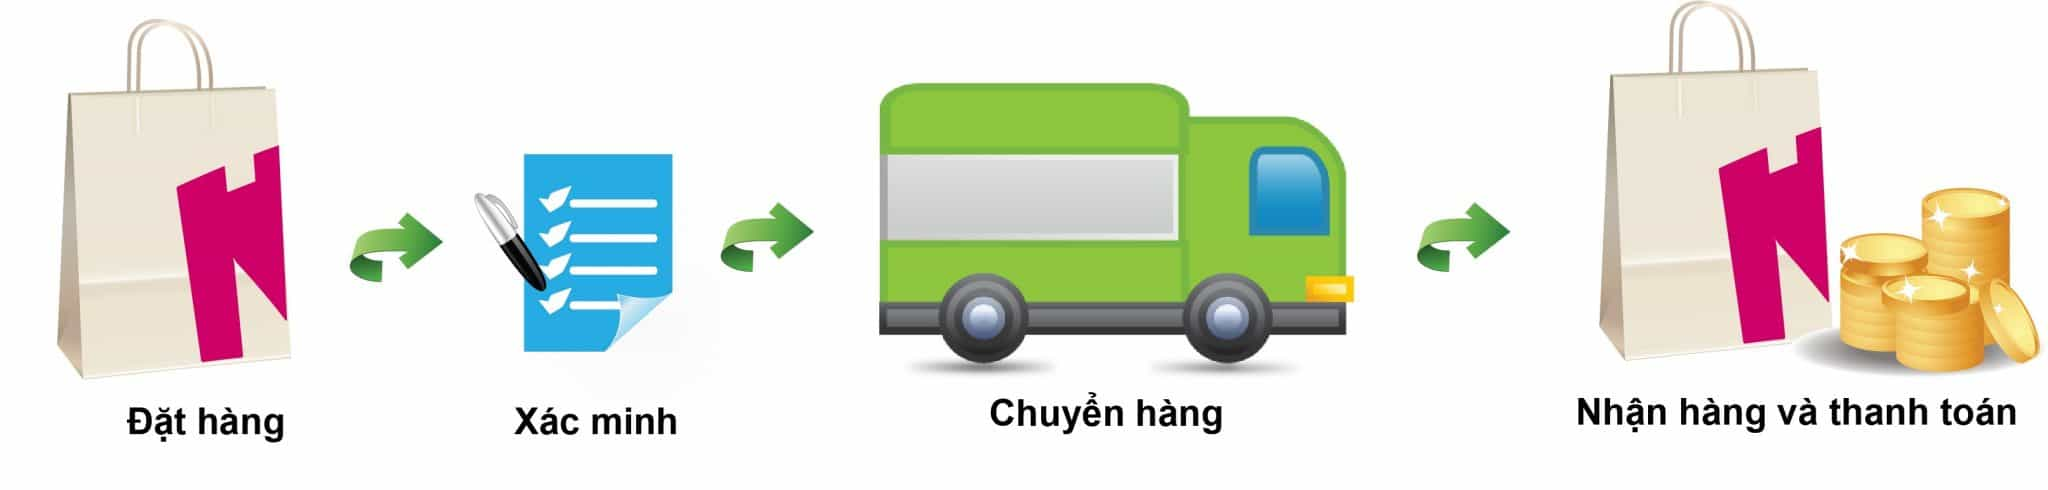 dich-vu-order-hang-my-tai-ha-noi-gia-re Dịch vụ order hàng Mỹ tại Hà Nội giá rẻ, uy tín, chuyên nghiệp